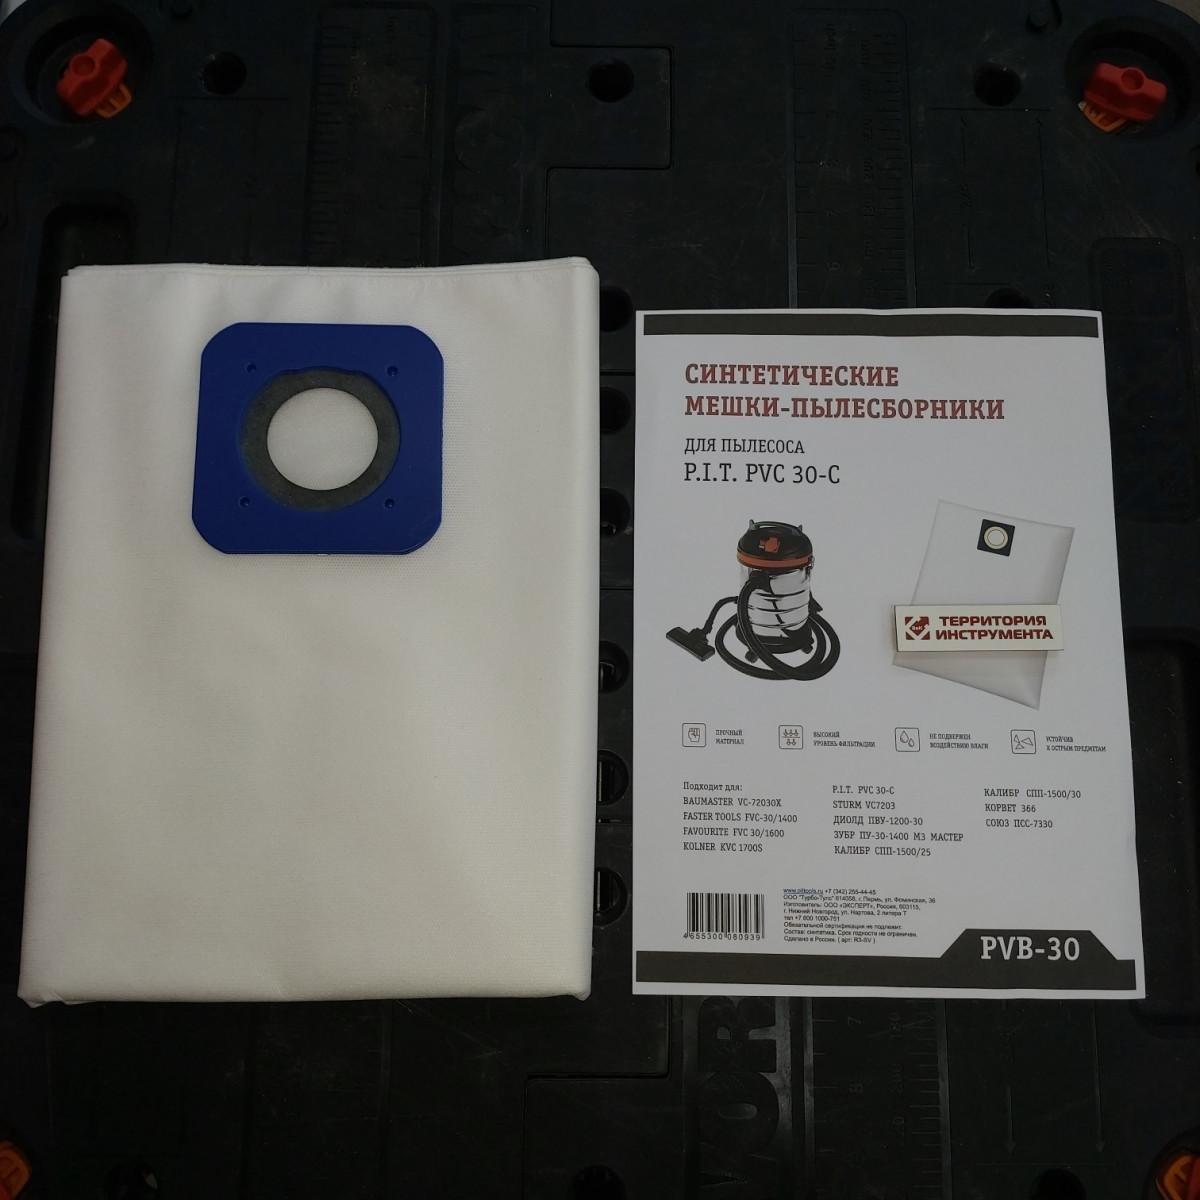 Мешок для пылесоса PVC-30-C P.I.T (синтетические,не боятся мокрой пыли, 30 л.) (по шт)